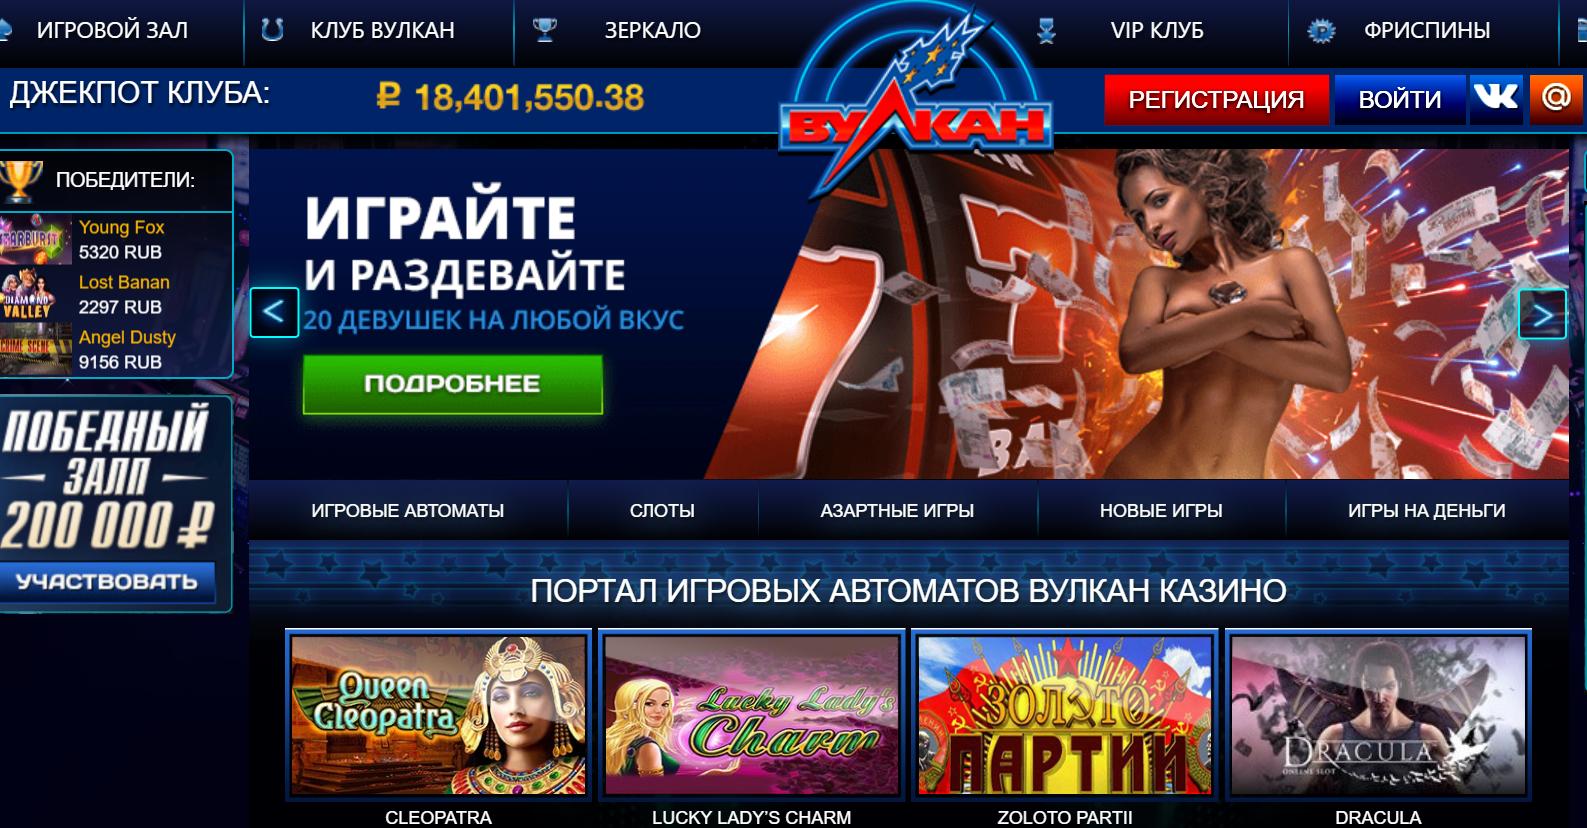 Надежное и доступное онлайн казино Вулкан